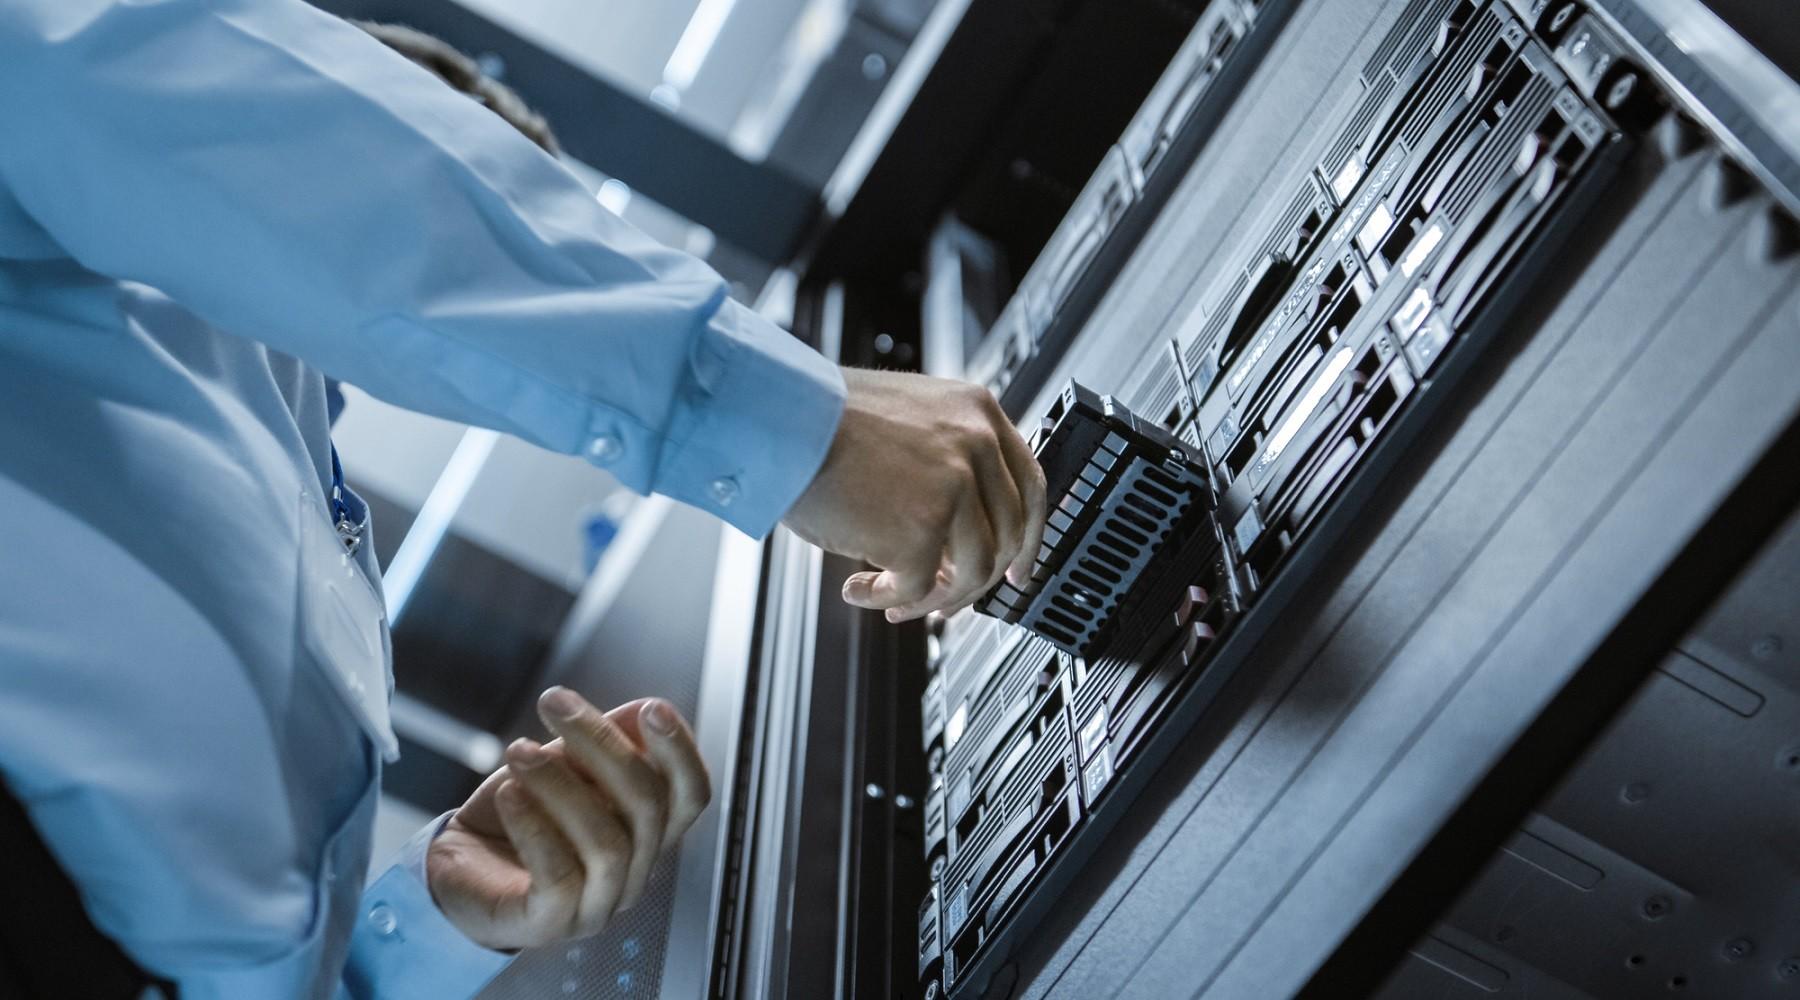 Vytahování disku ze serveru.